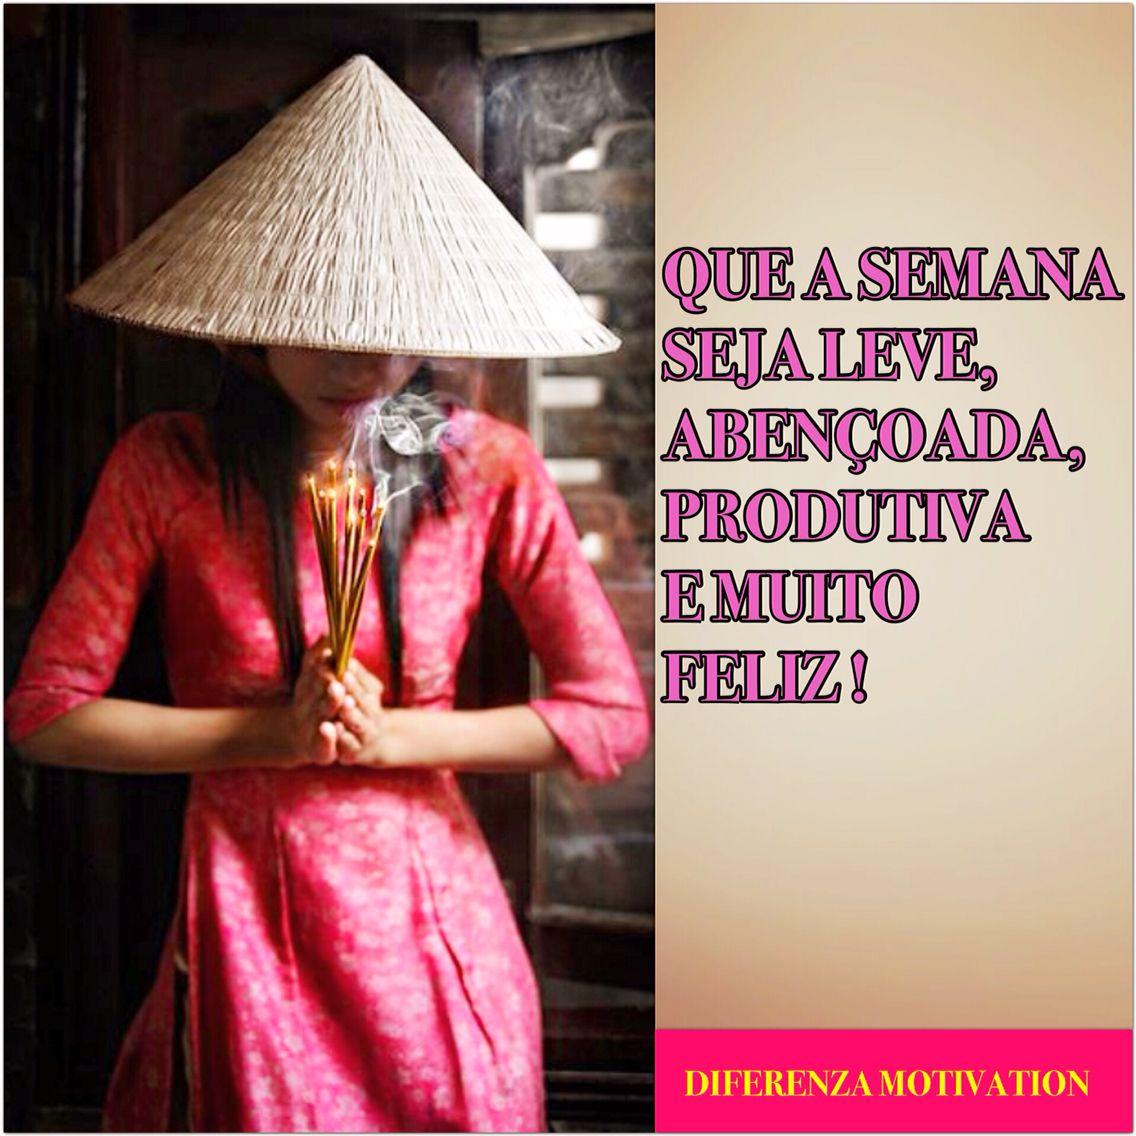 DIFERENZA MOTIVATION BOM DIA !!!!! SEMANA CHEIA DE BÊNÇÃOS PRA TODOS NÓS !!!! #diferenzamotivation #bomdia #amor #motivação #foco  #inspira #inspiração #beleza #confiança #trabalho #gratidão #sorrisos #deusnocomando #sucesso #prosperidade #viagem  #zen #asia #travelling #trip #colors #flowers #sucesso #smile #segundafeira #monday #luxurydetails #diversão #fé